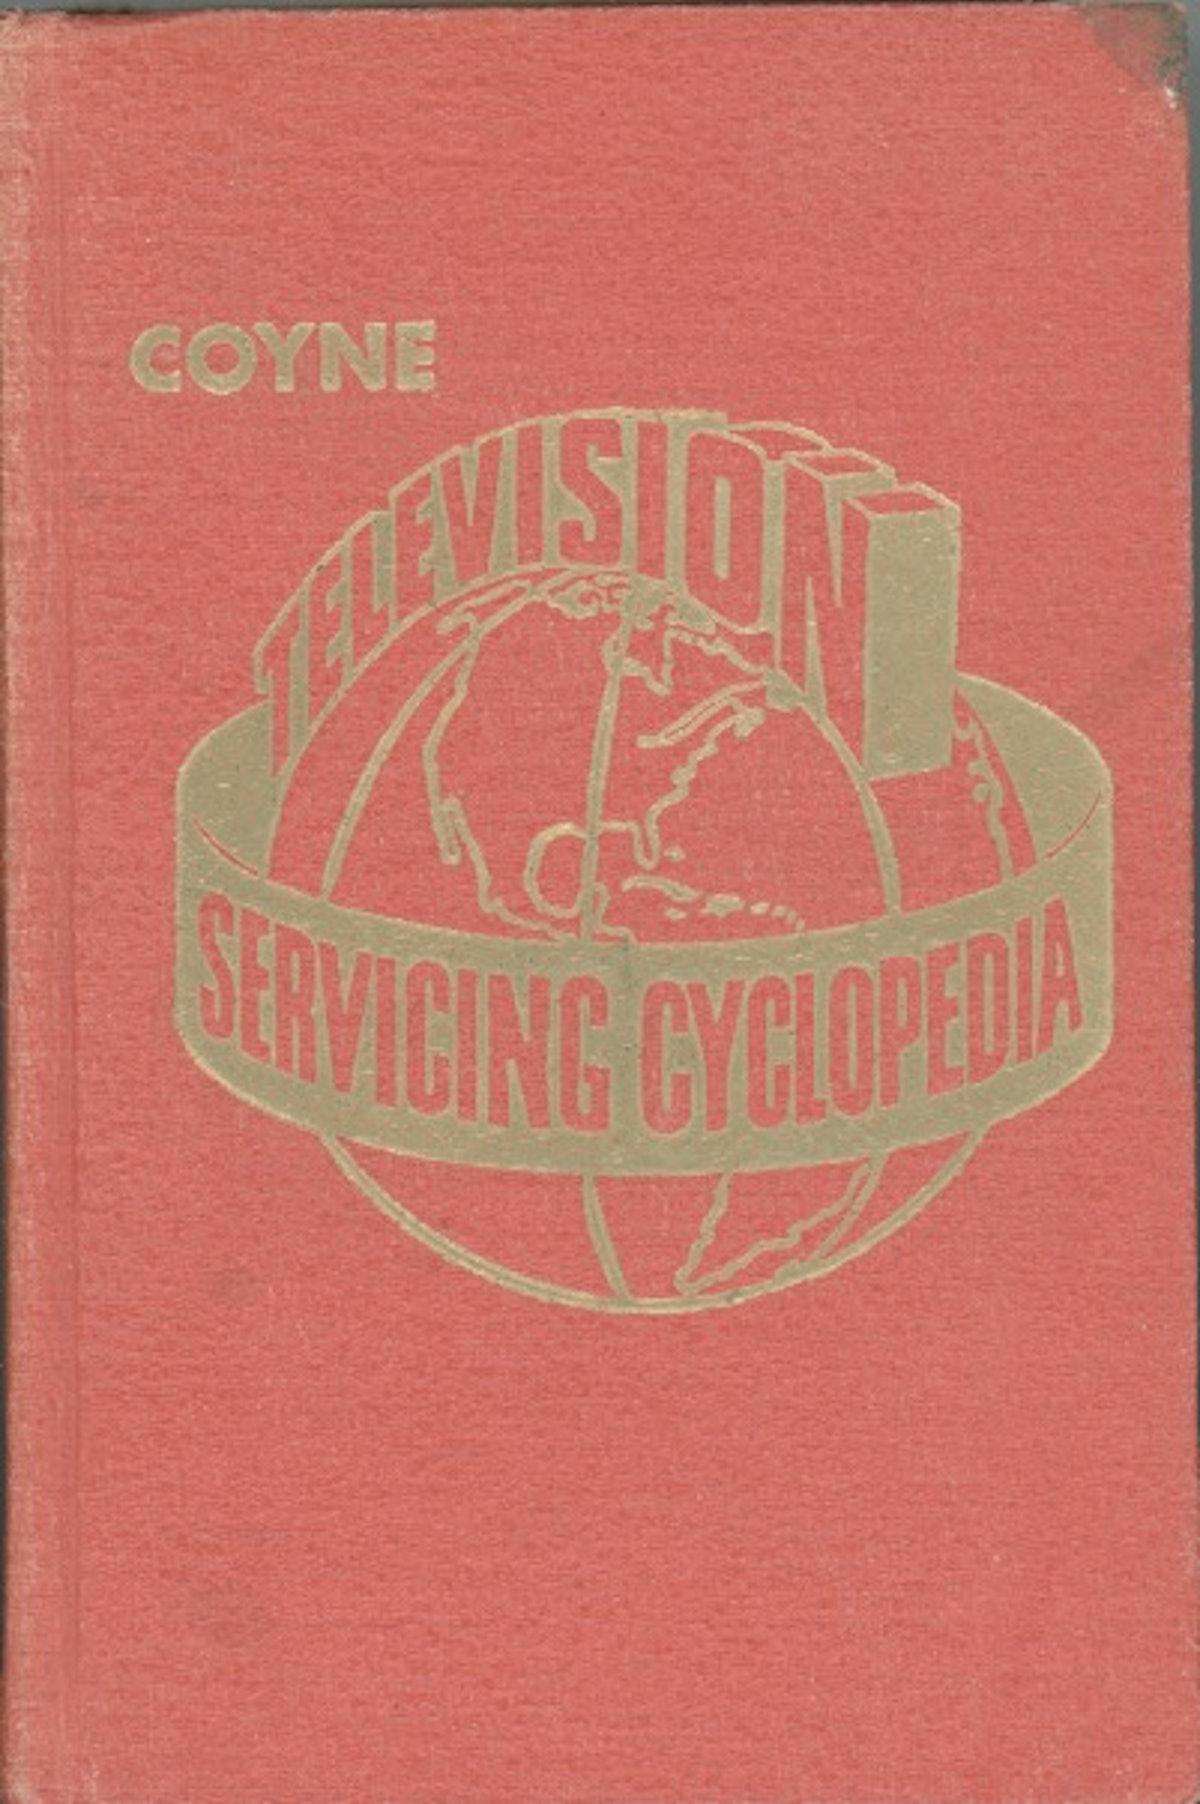 Television Servicing Cyclopedia